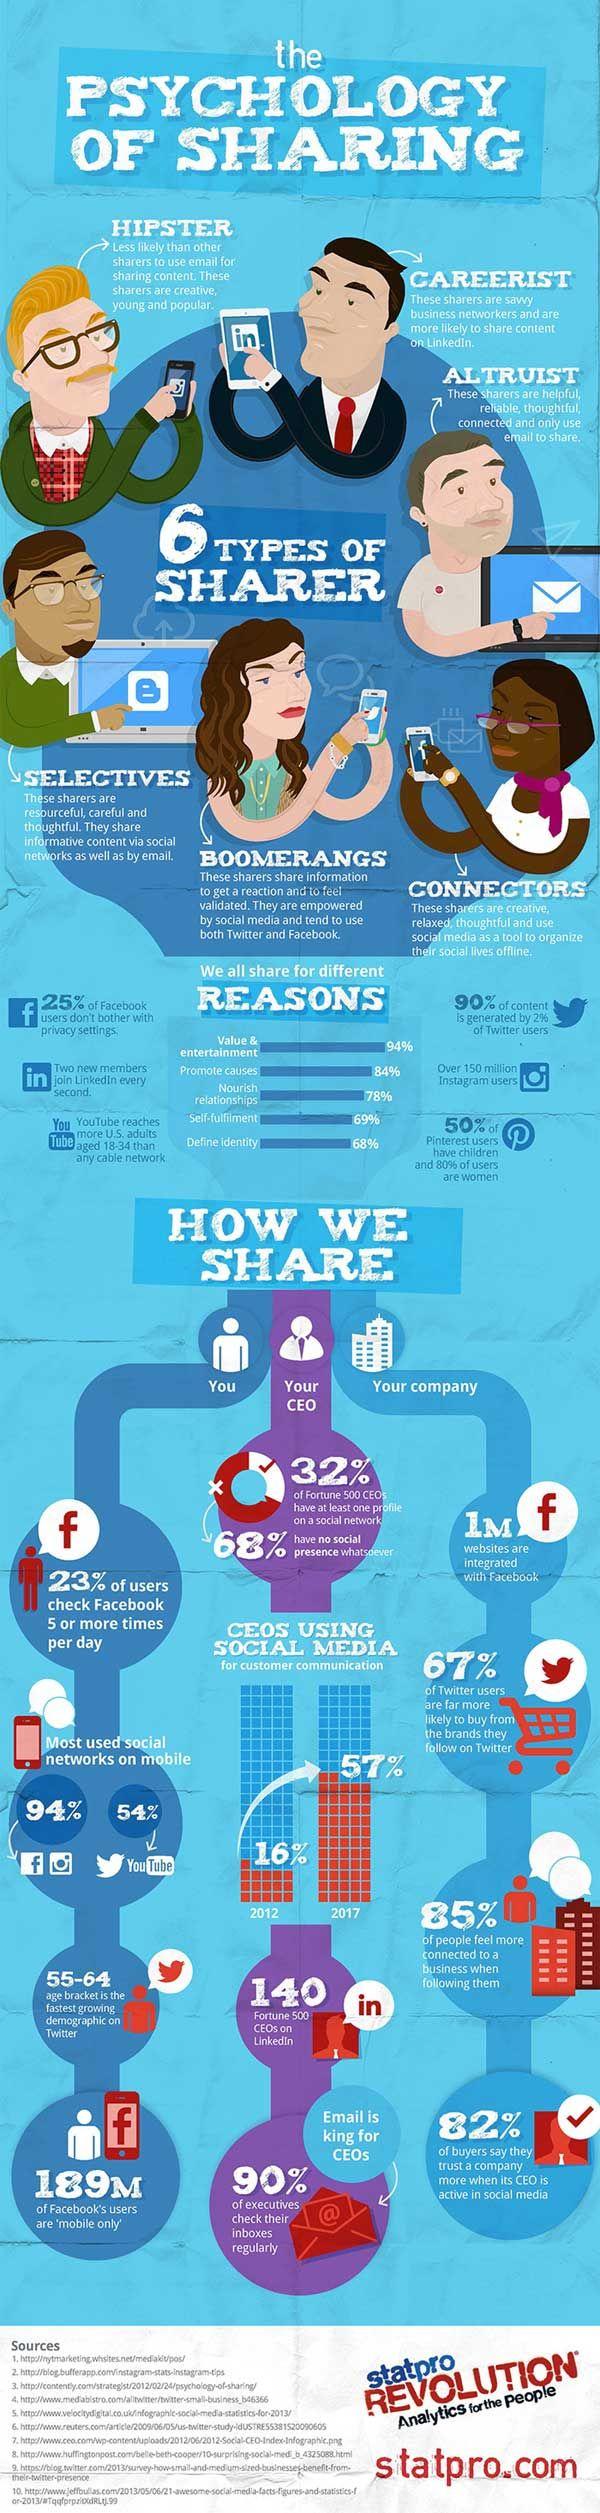 Une règle communément admise veut que par exemple sur Twitter, 90% des contenus diffusés émanent seulement de 2% d'utilisateurs actifs. Si l'immense majorité se contente donc de lire et regarder, qui sont ceux qui en revanche amplifient et viralisent les informations auprès de leurs communautés